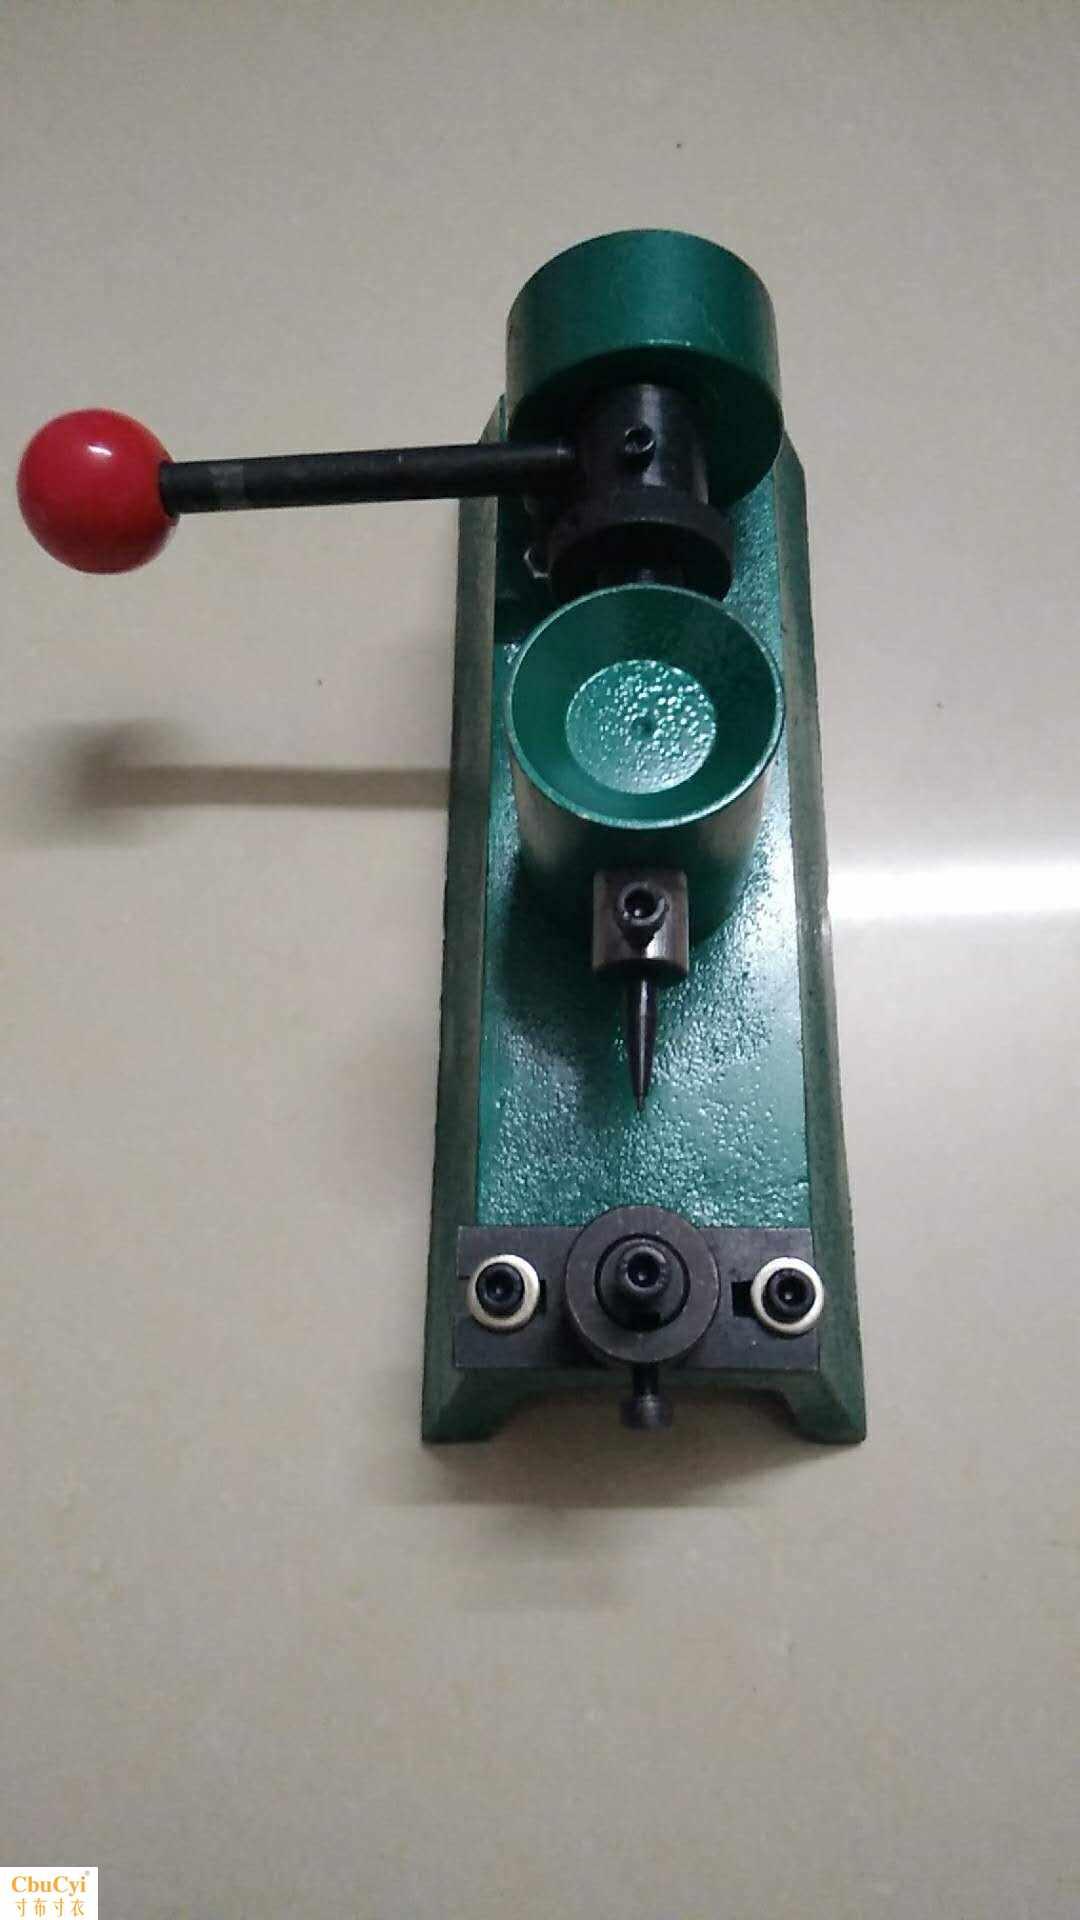 修表工具 巴管机 把管机 打巴管机 冲巴管机 手表钟表巴管机